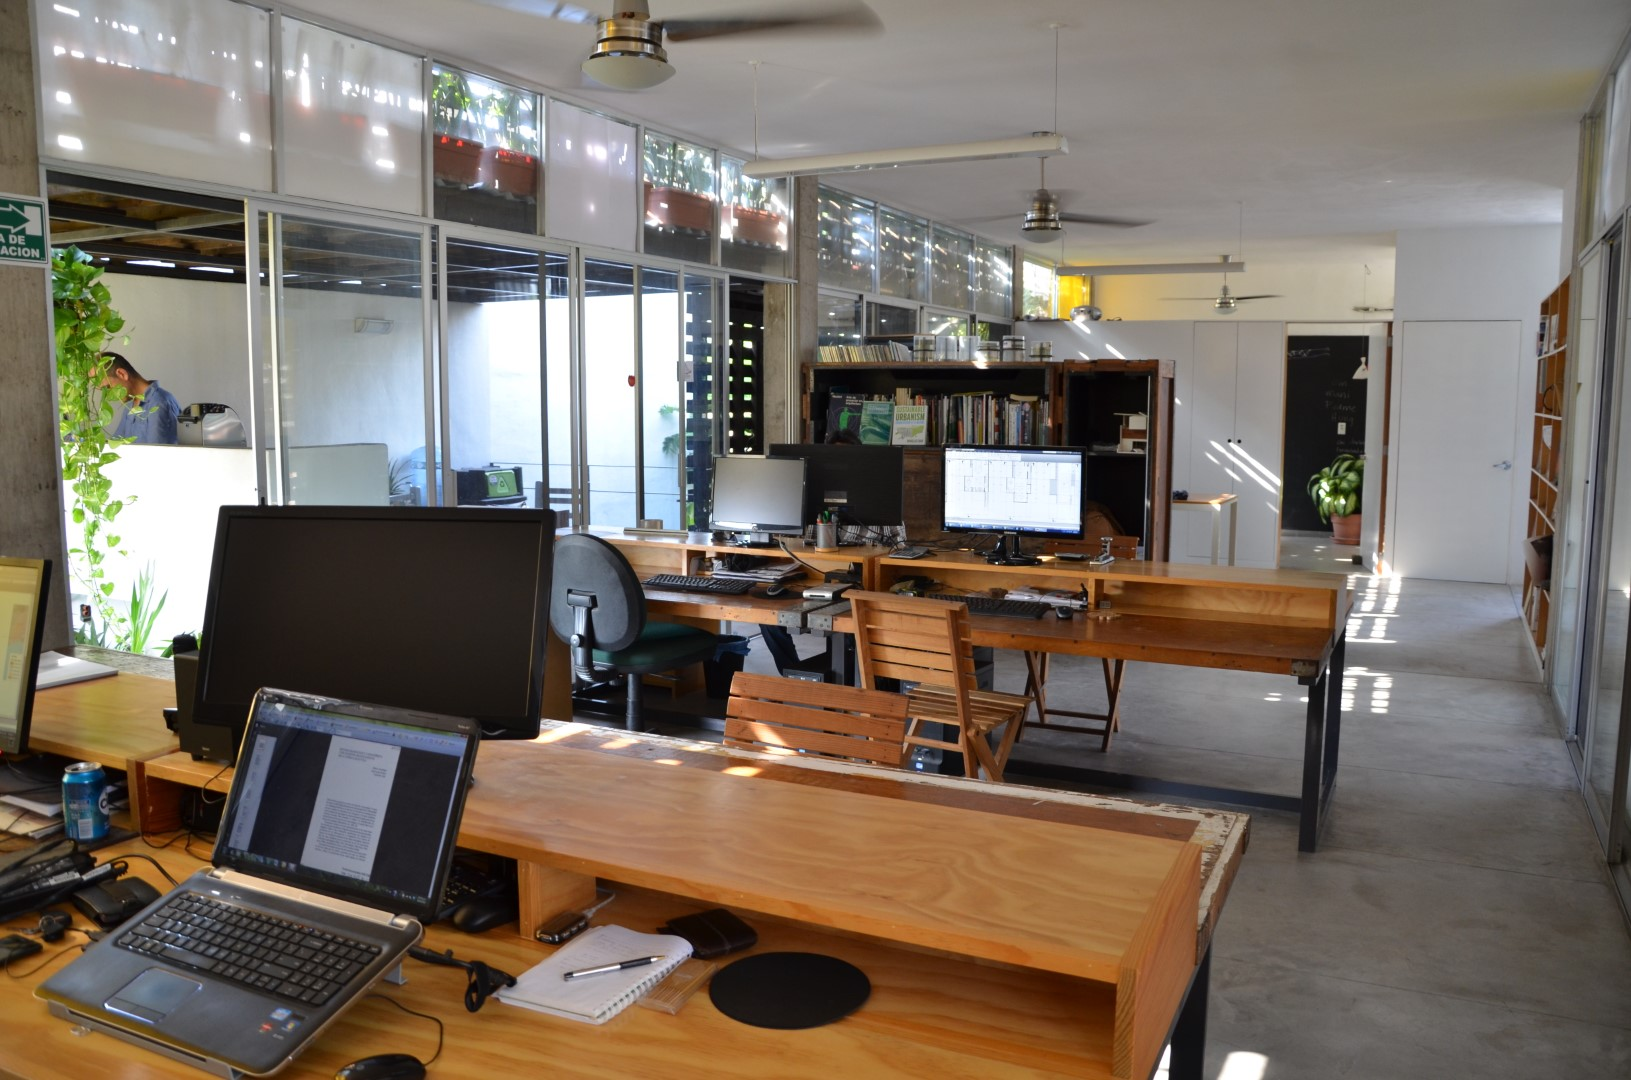 Oficina-Estudio-Arvidana-arquitectos-en-puerto-vallarta